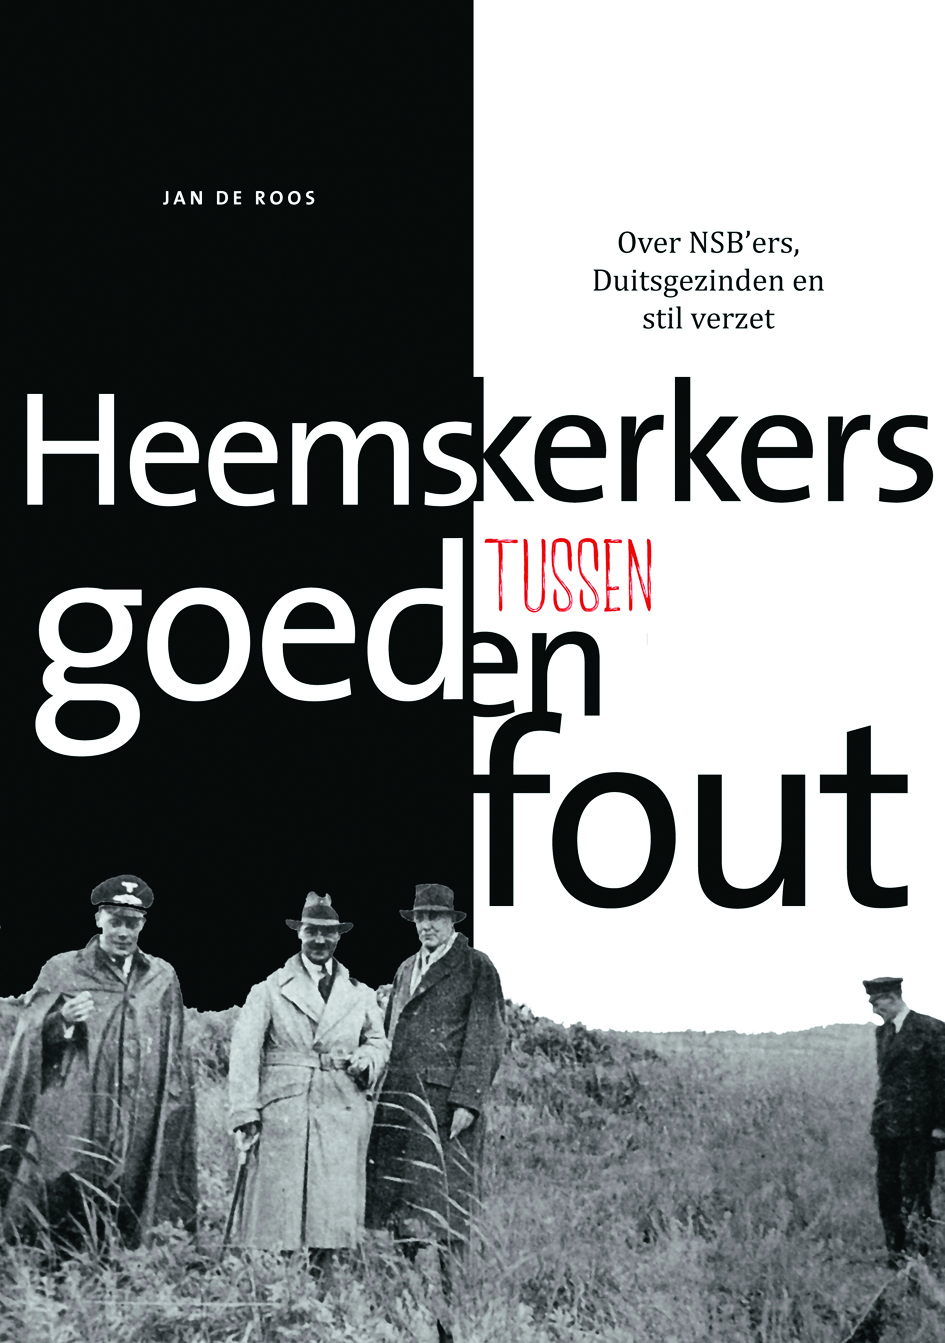 De cover van het boek 'Heemskerkers tussen goed en fout'. (foto aangeleverd)